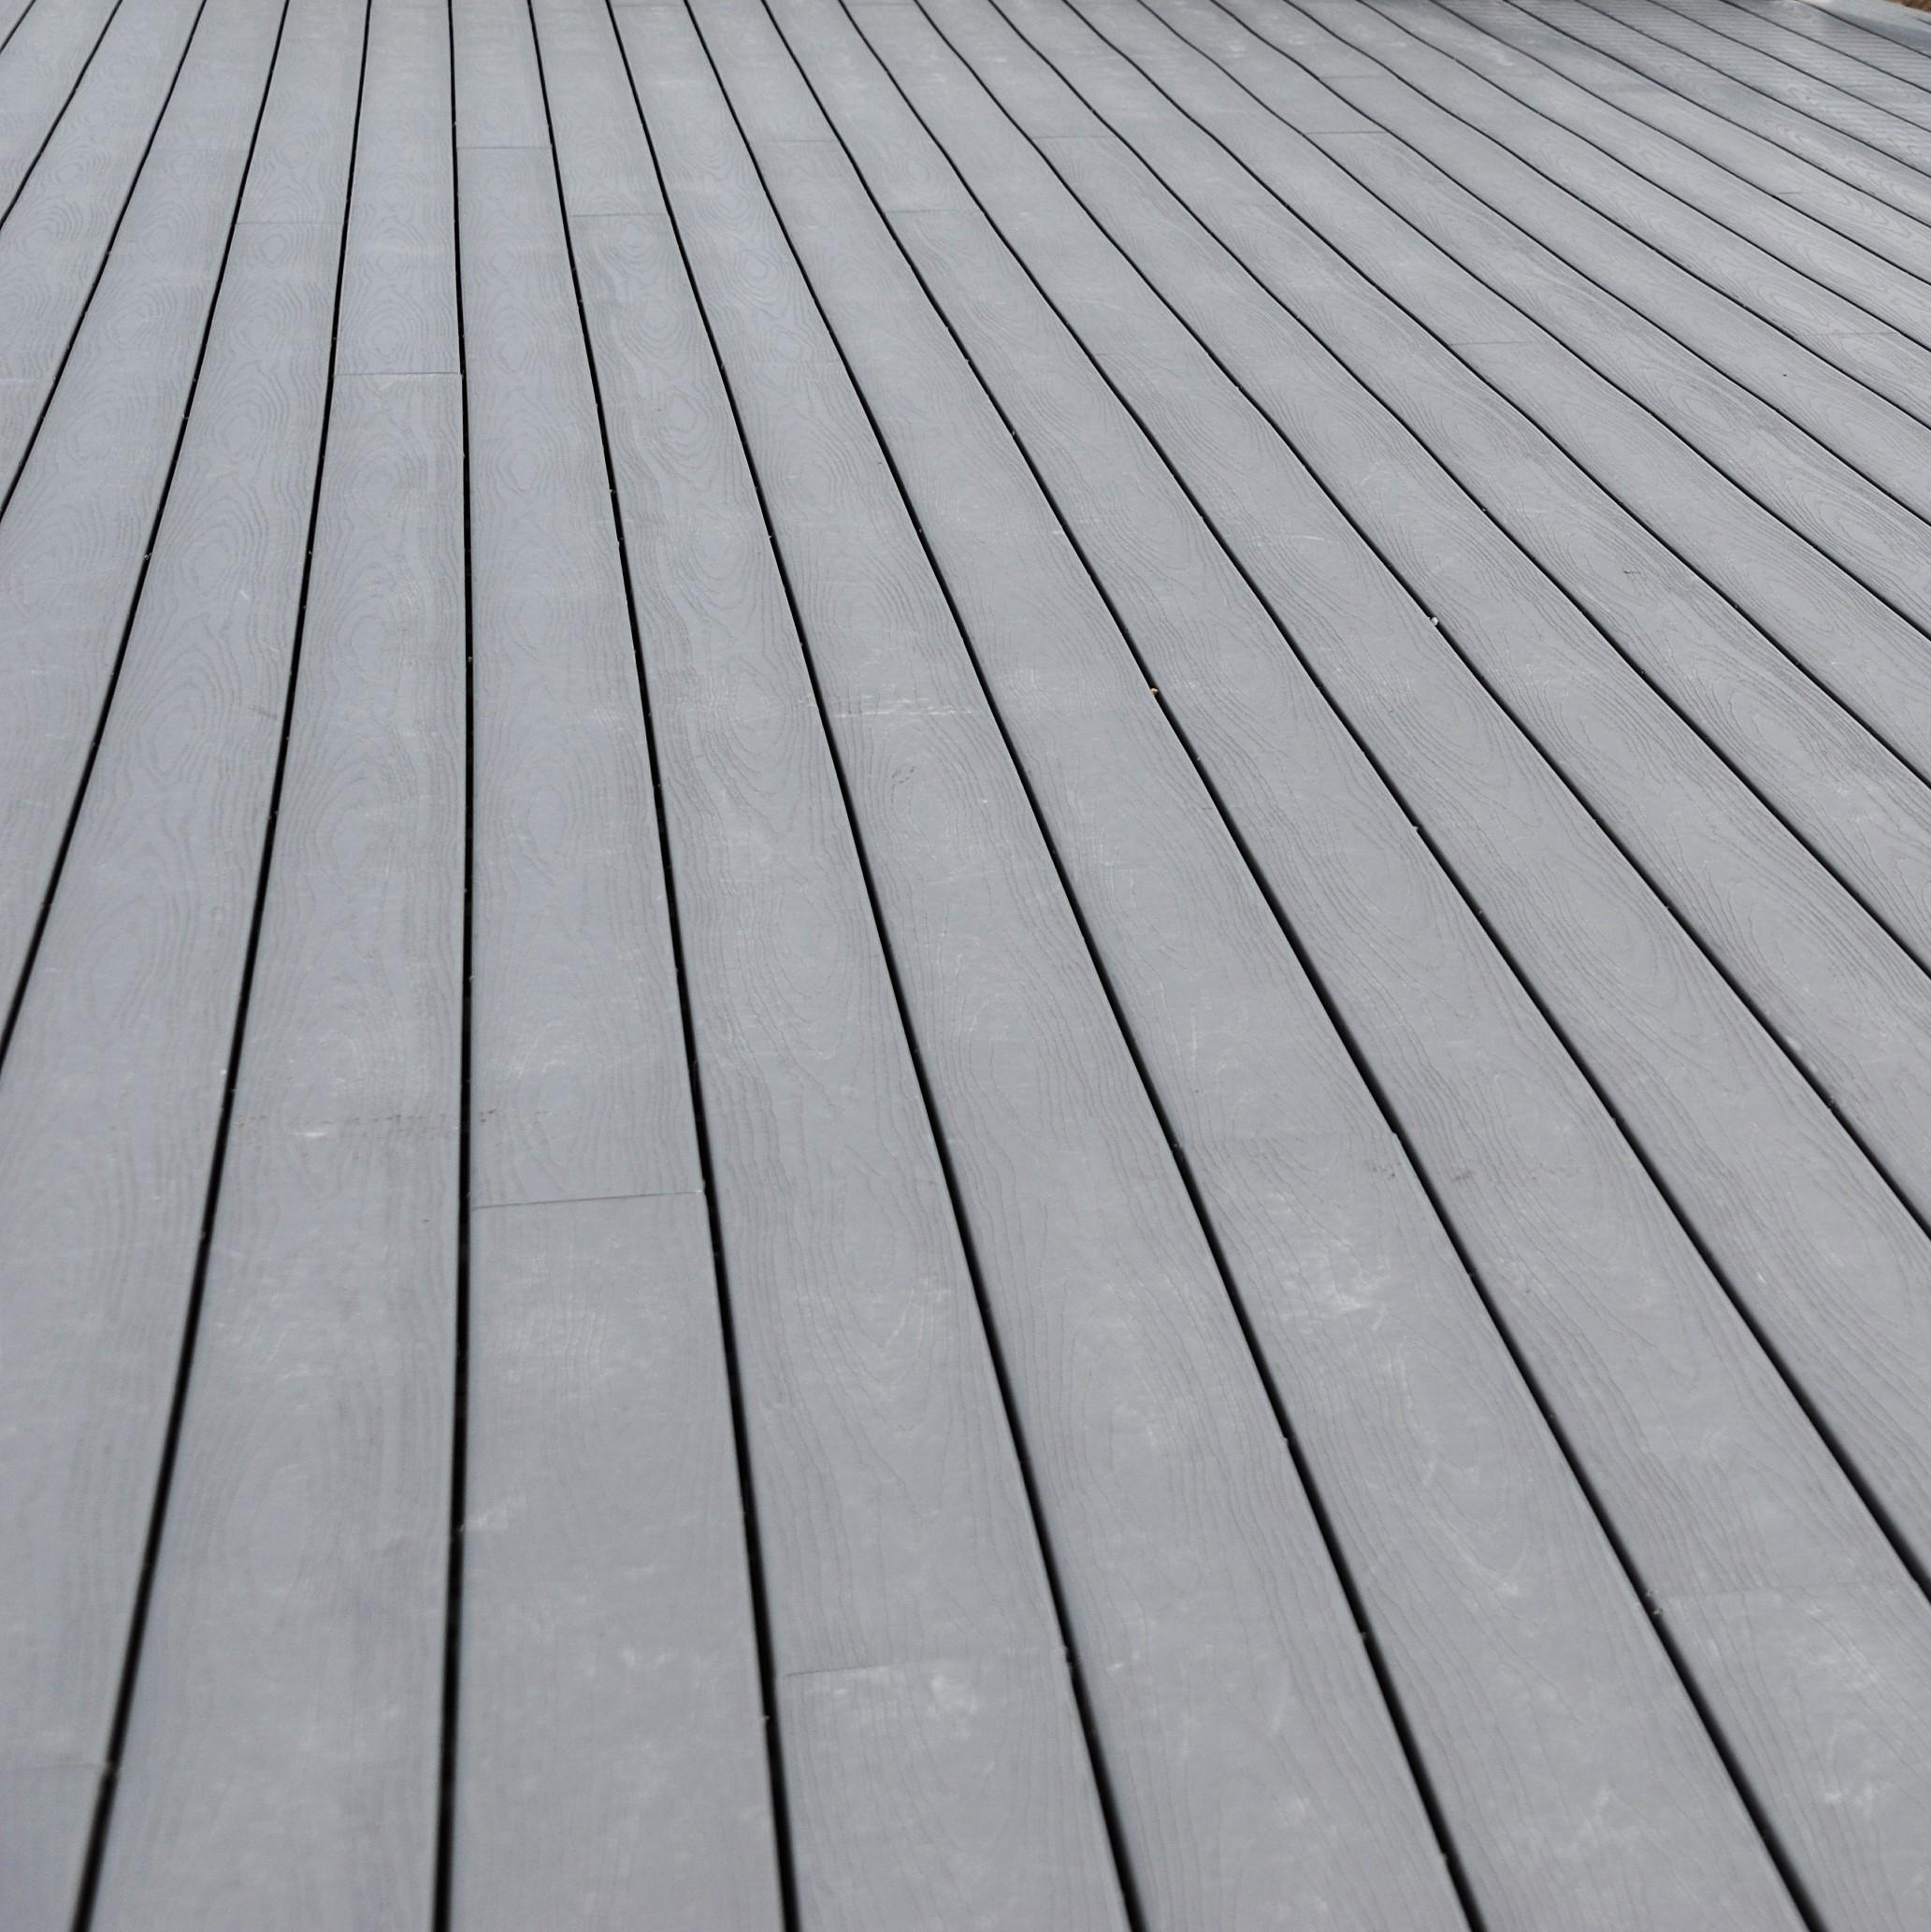 Silver composite decking bristol